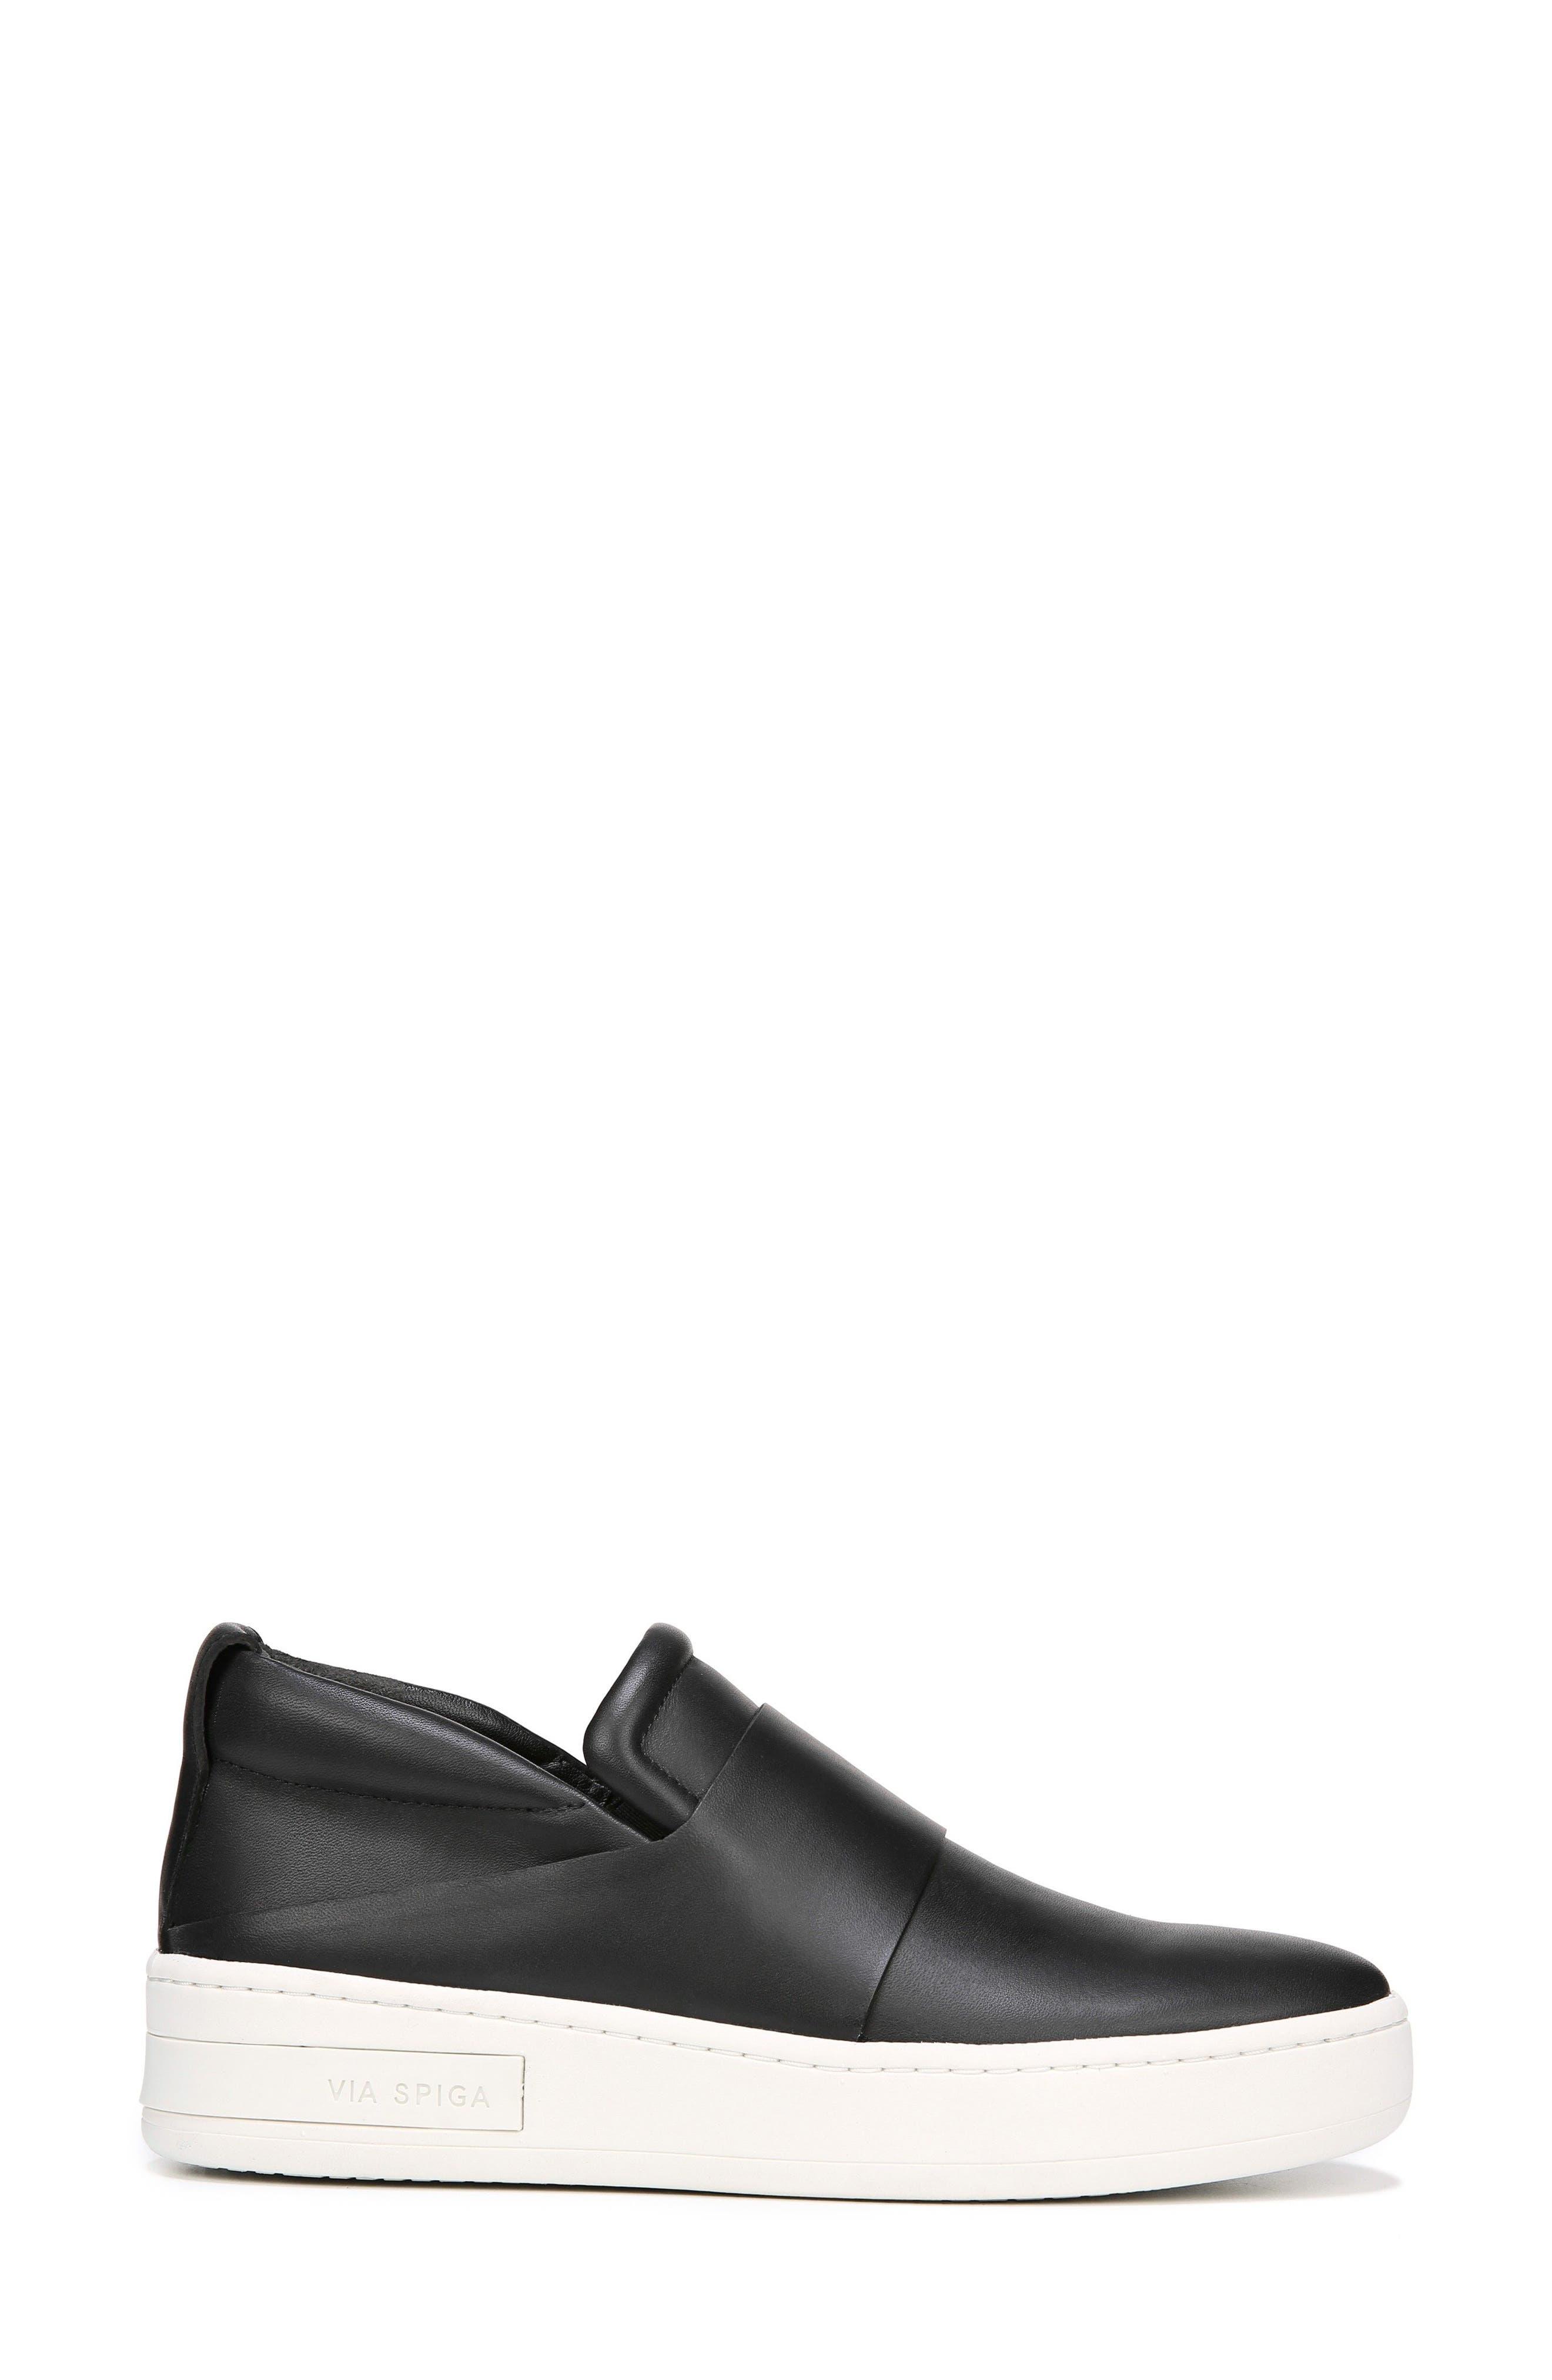 Ryder Slip-On Sneaker,                             Alternate thumbnail 3, color,                             Black Leather